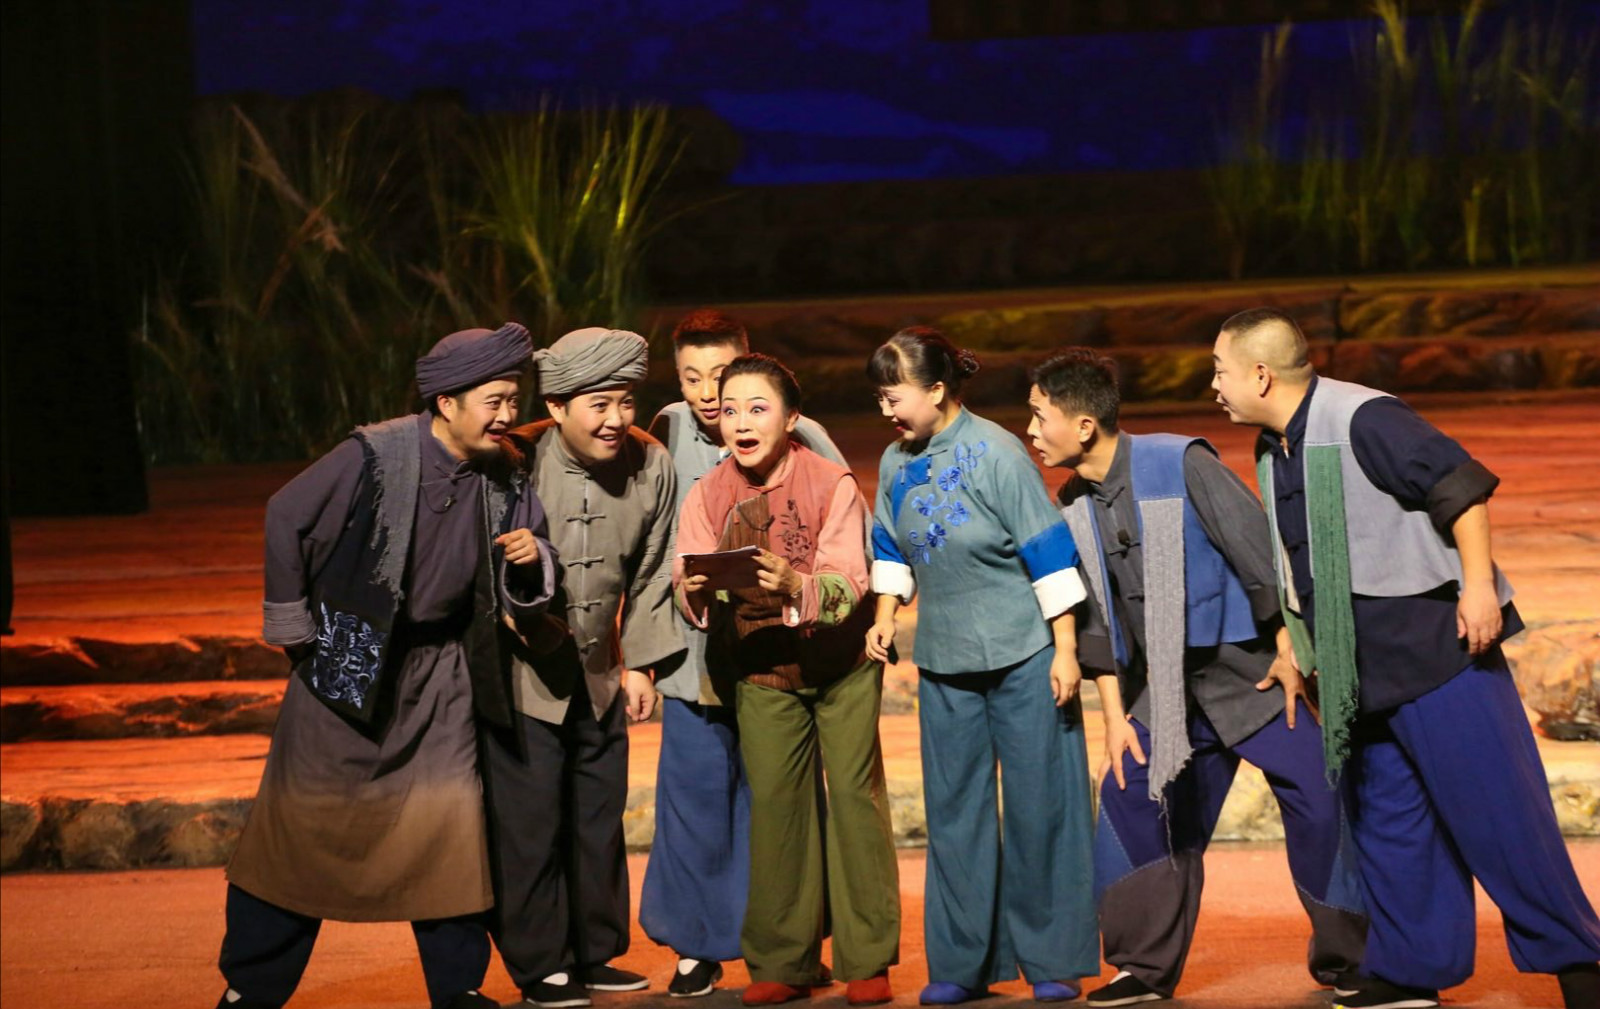 如何让真实的英雄故事在舞台上动人心魄――从十二艺节看现实题材的可贵探索